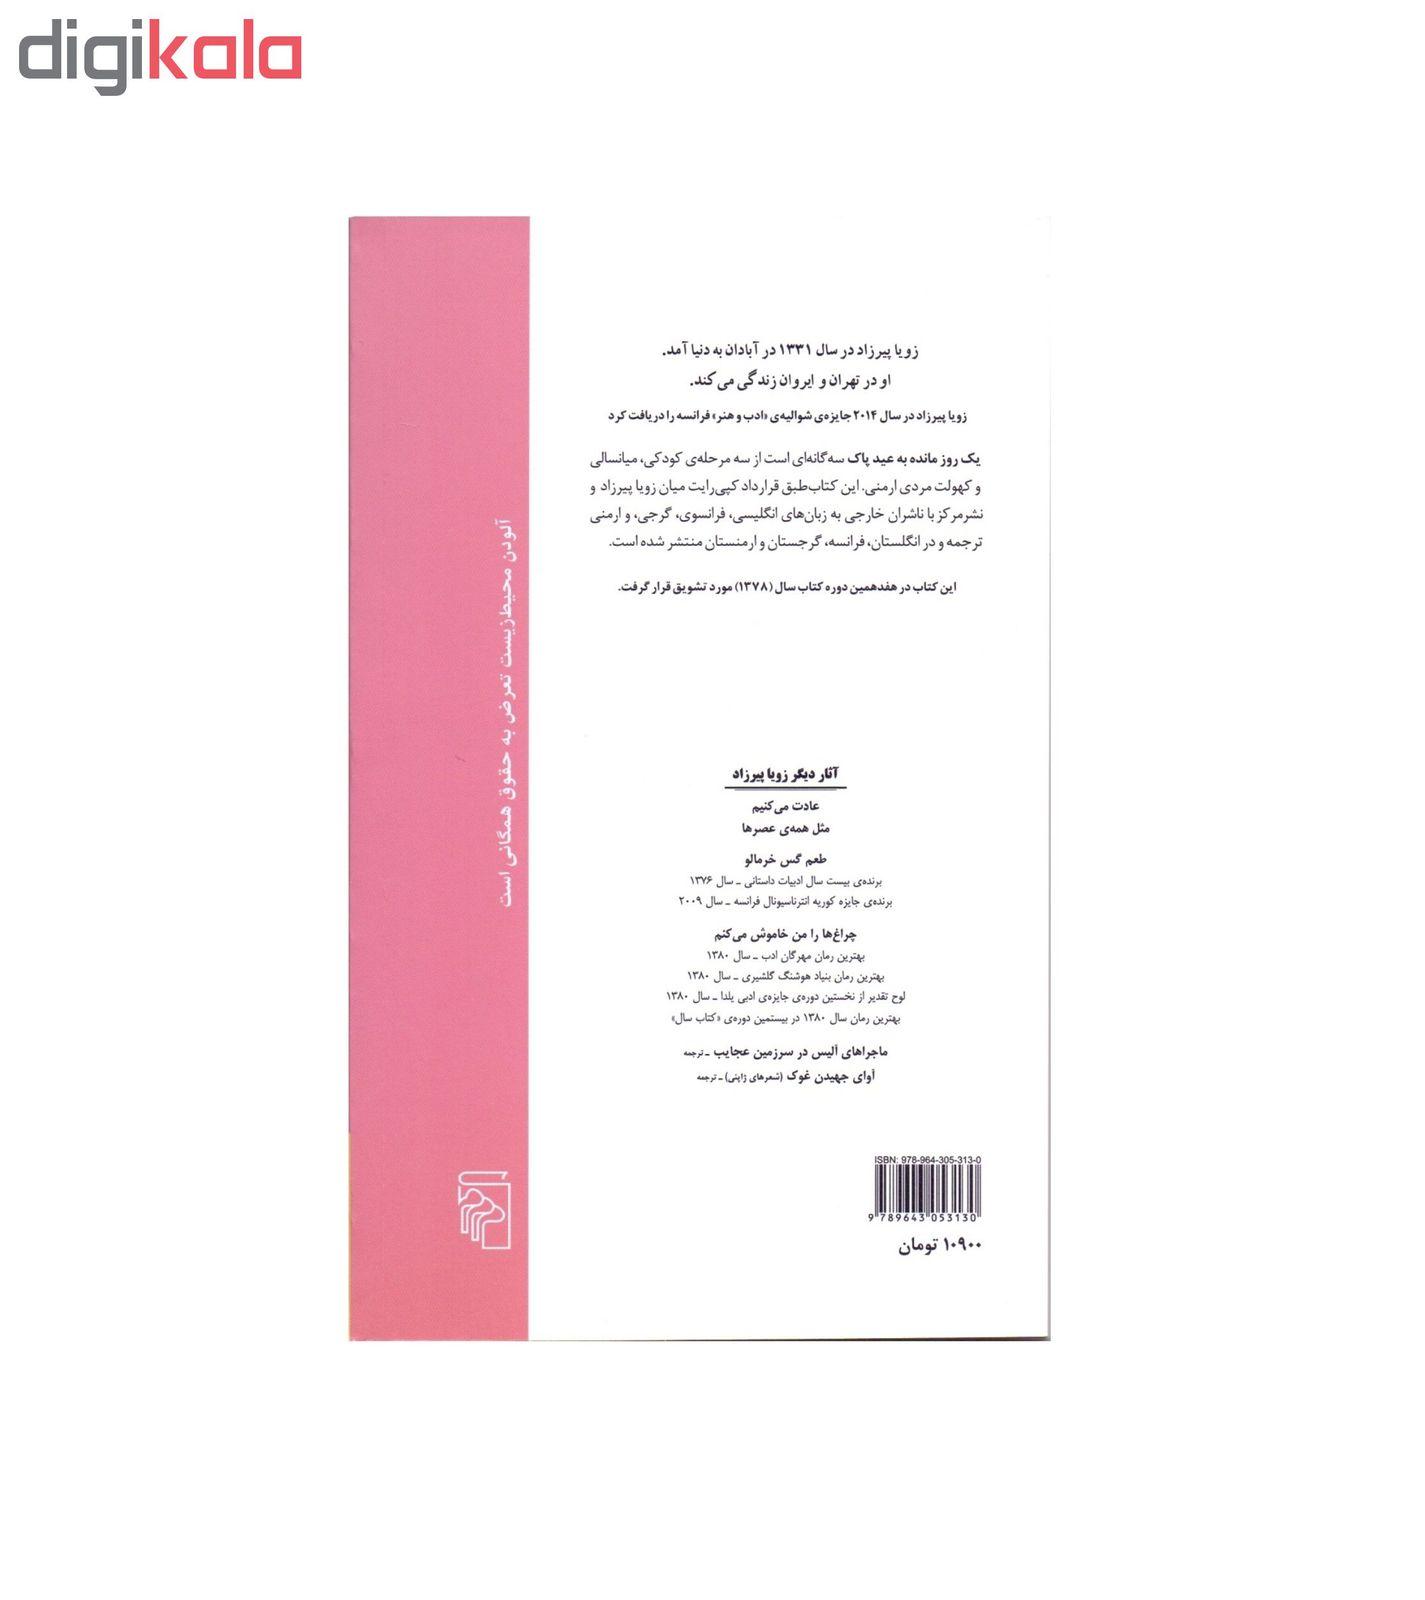 مجموعه کتاب های  مثل همه عصر ها  طعم گس خرمالو و  یک روز مانده به عید پاک اثر زویا پیرزاد نشرمرکز main 1 2